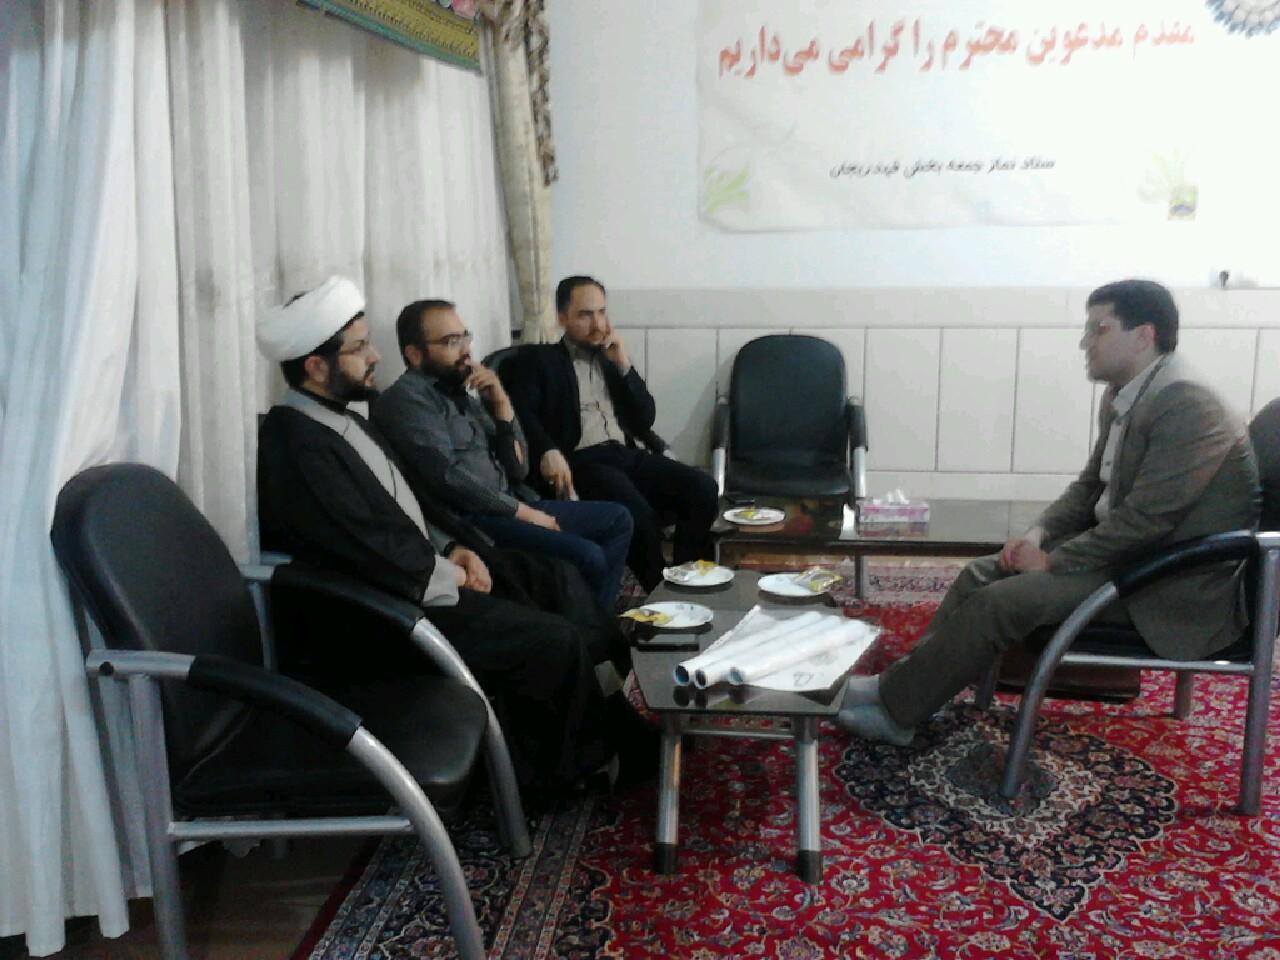 دیدار جمعی از فعالان فرهنگی شهرستان با امام جمعه محترم شهر قهدریجان